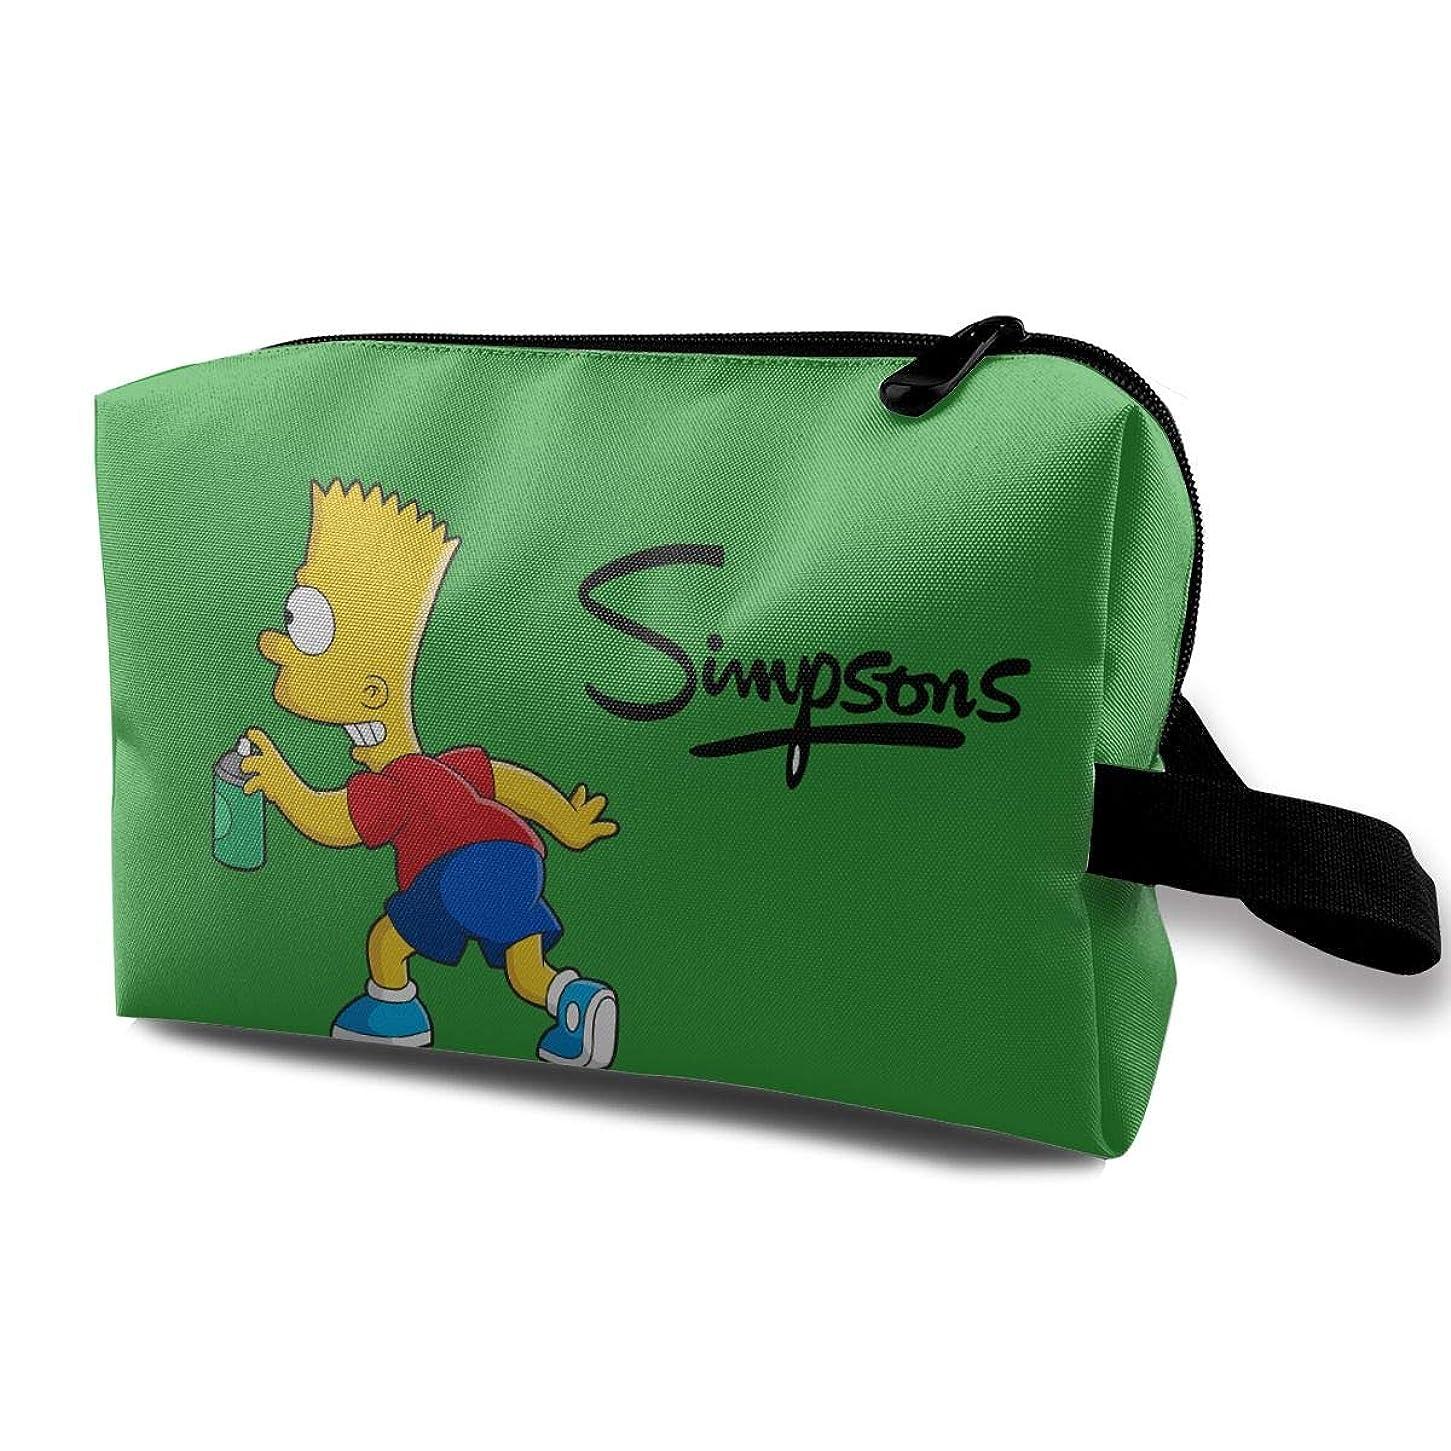 素晴らしいです講師常にDSM_LXHZB 化粧ポーチ レディース 多機能コスメポーチ メイクポーチ 化粧バッグ シンプソンズ Simpsons 化粧品 コスメ収納 小物入れ 便利 コスメポーチ 旅行用 収納ケース バスルームポーチ 化粧ポーチ